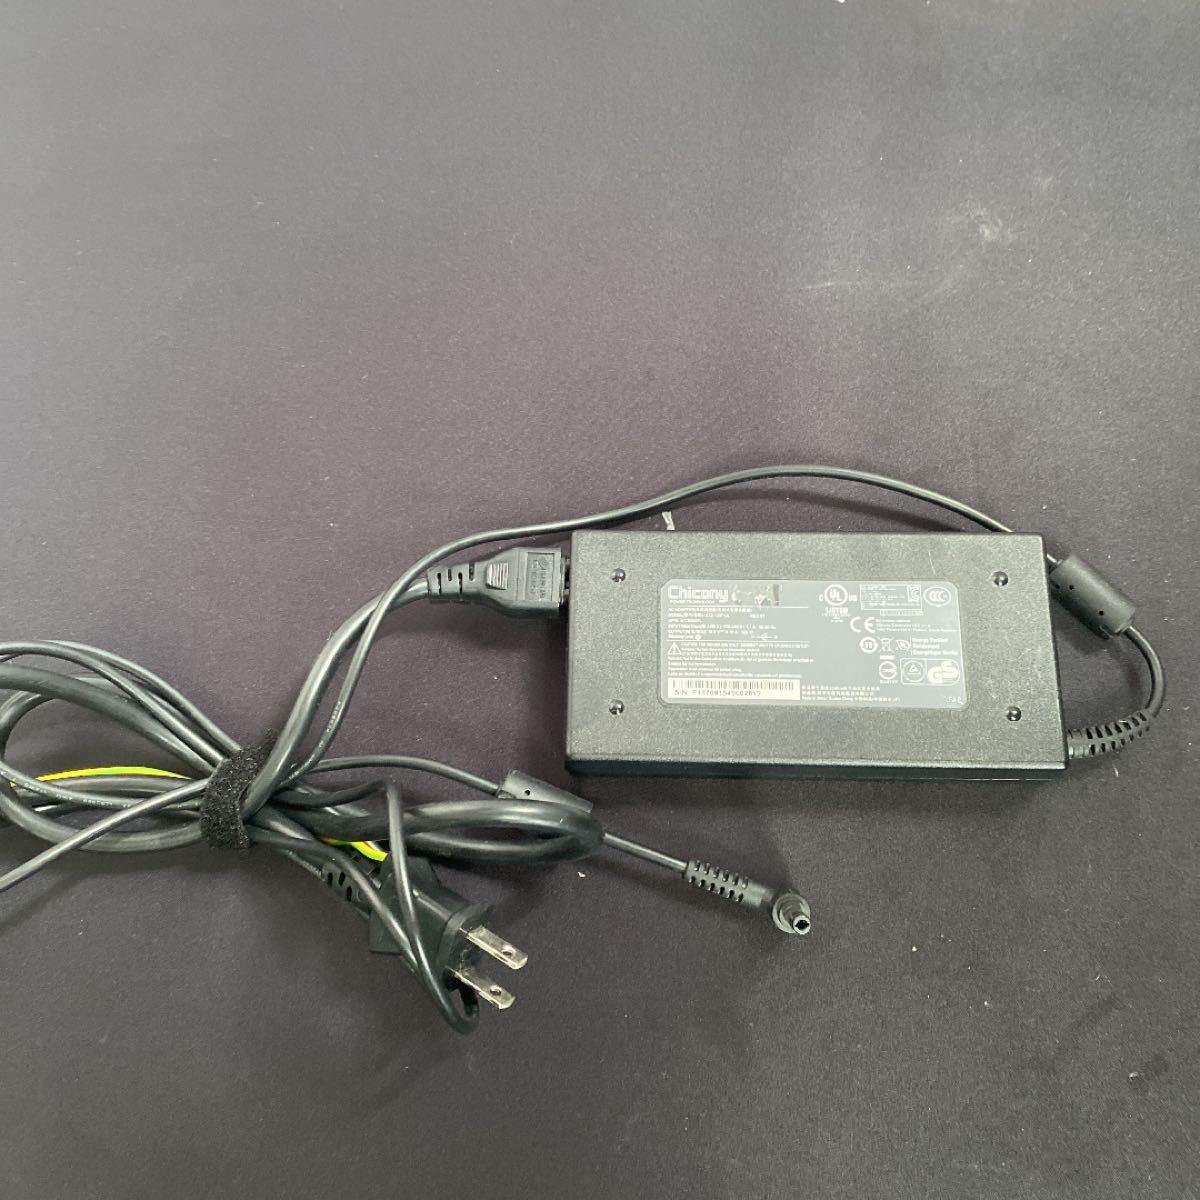 ノートパソコンACアダプター Chicony A12-120p1A 電源コード